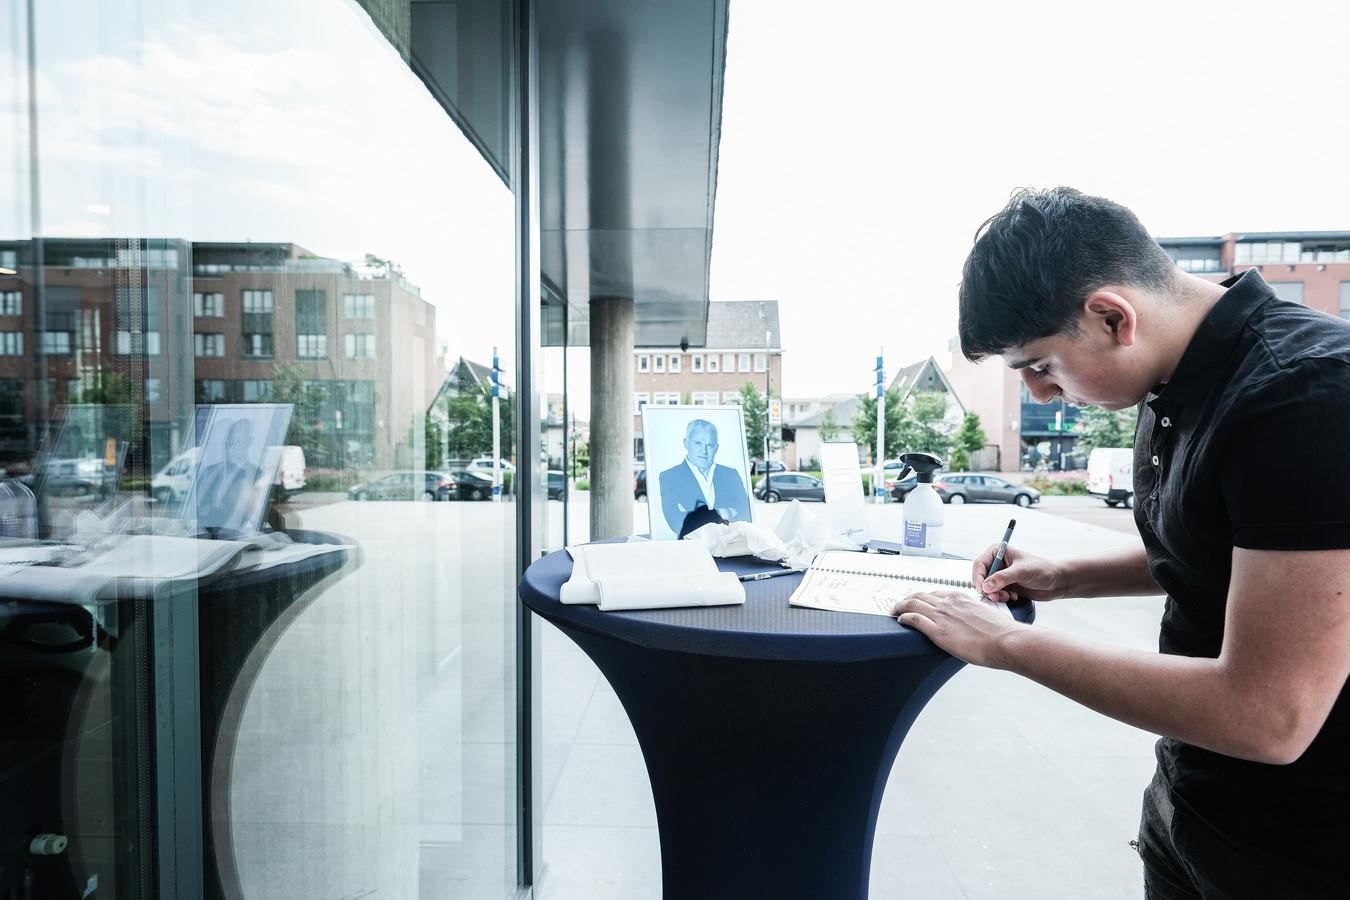 Ashkan Souri (17) tekent het condoleance register voor Peter R. de Vries op het bordes van het stadhuis in Doetinchem.